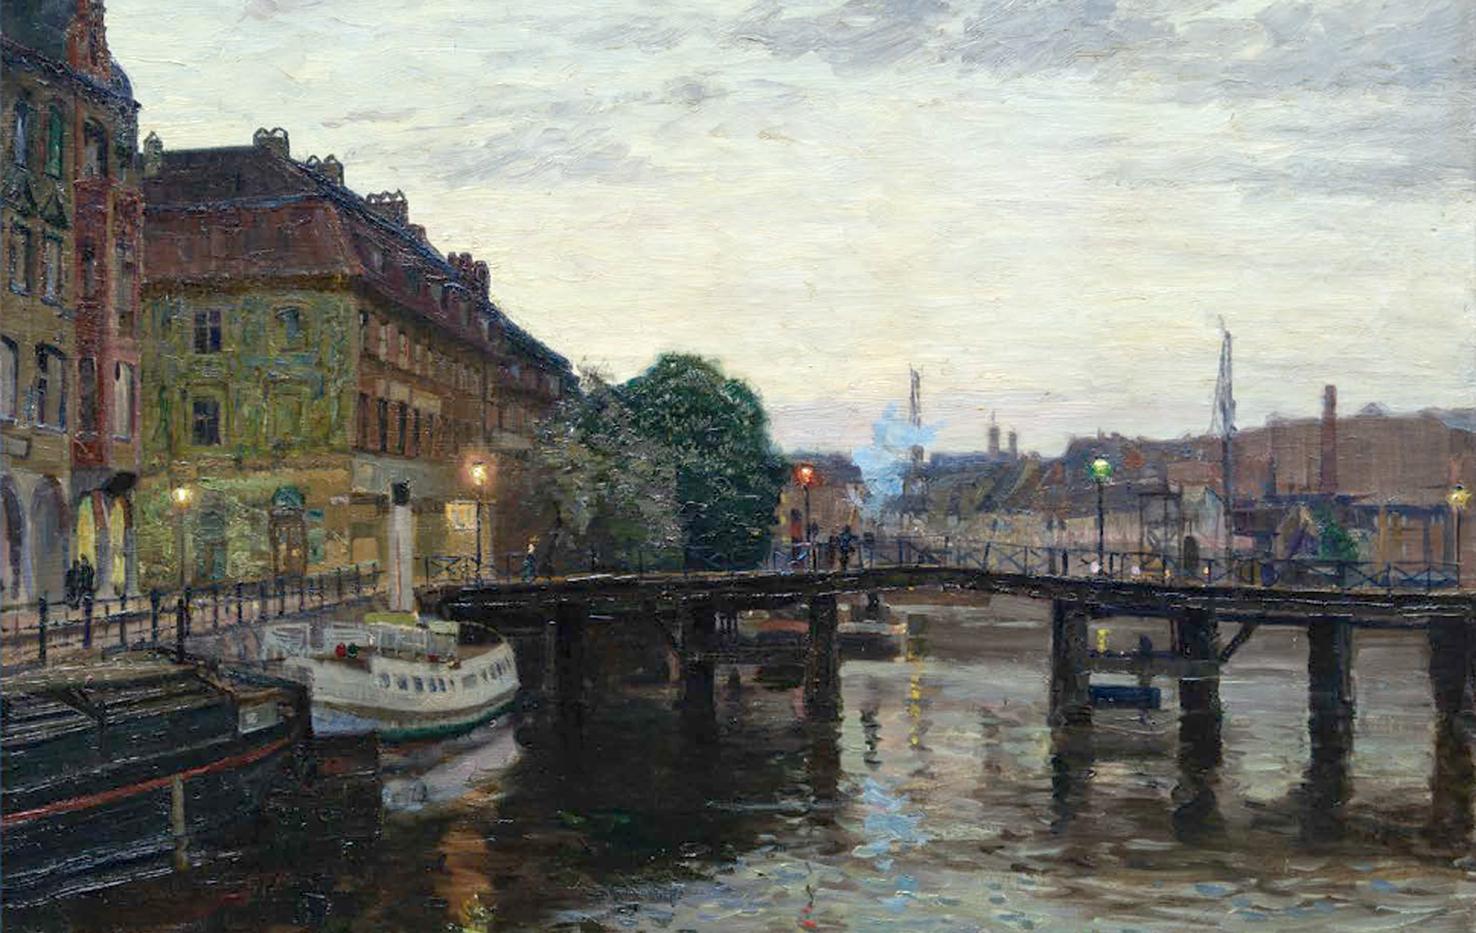 Erich Mueller (1912), Blick auf die Inselbrücke stromaufwärts